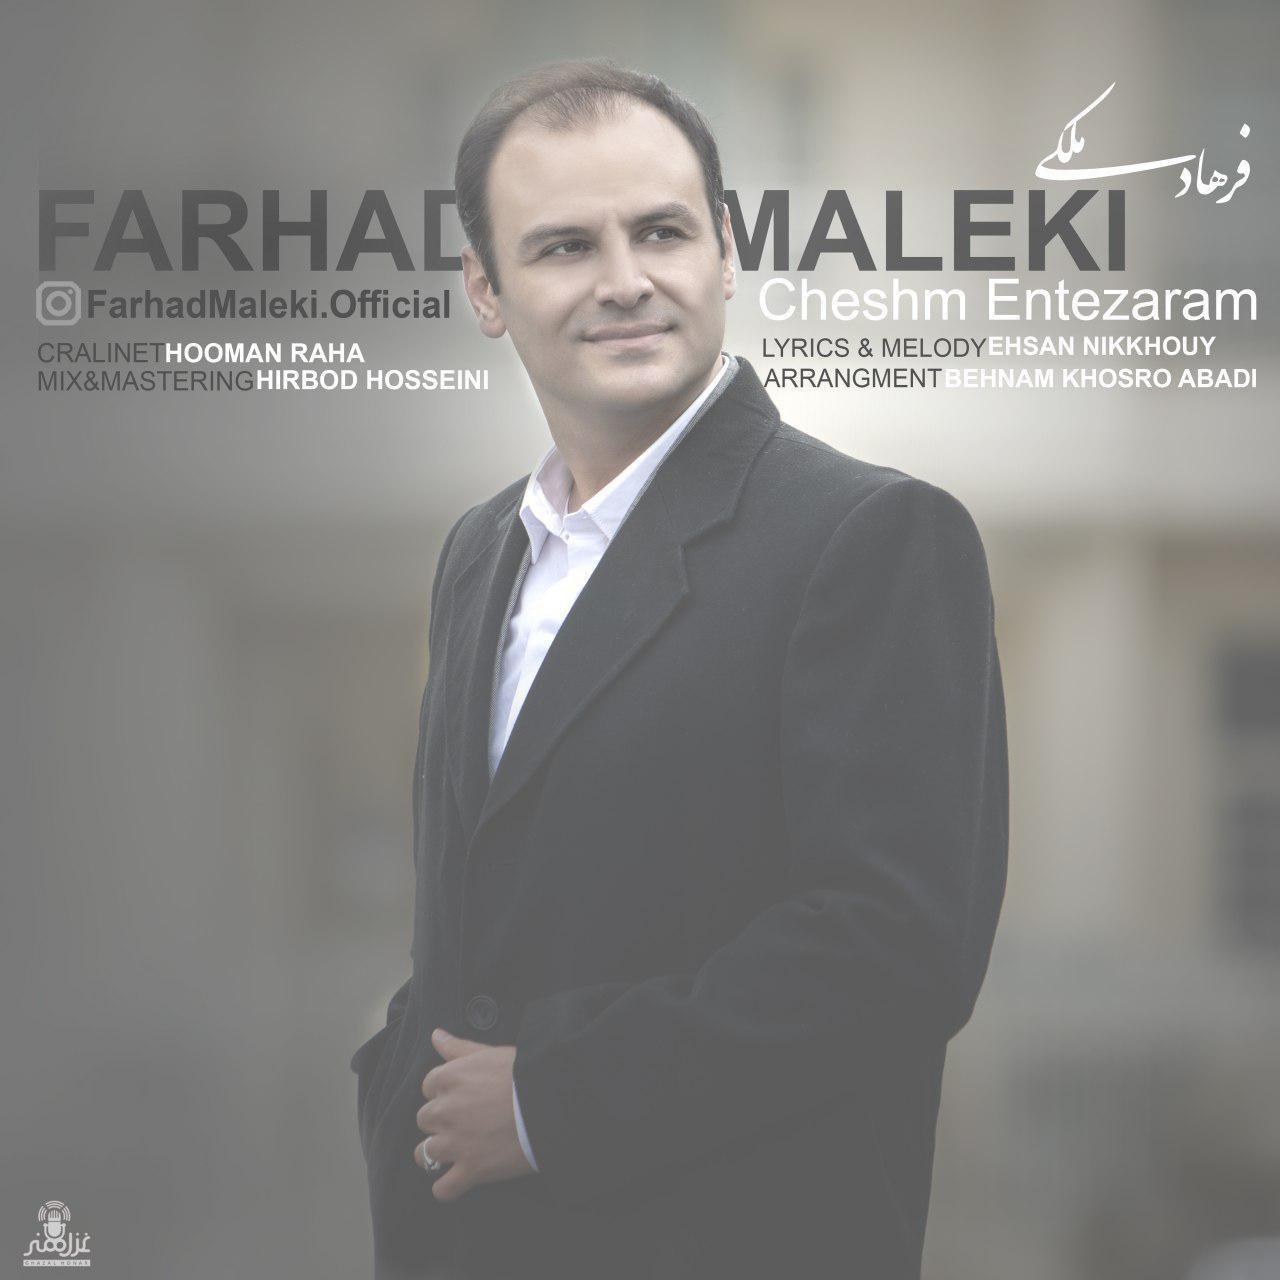 Farhad Maleki – Cheshm Entezaram